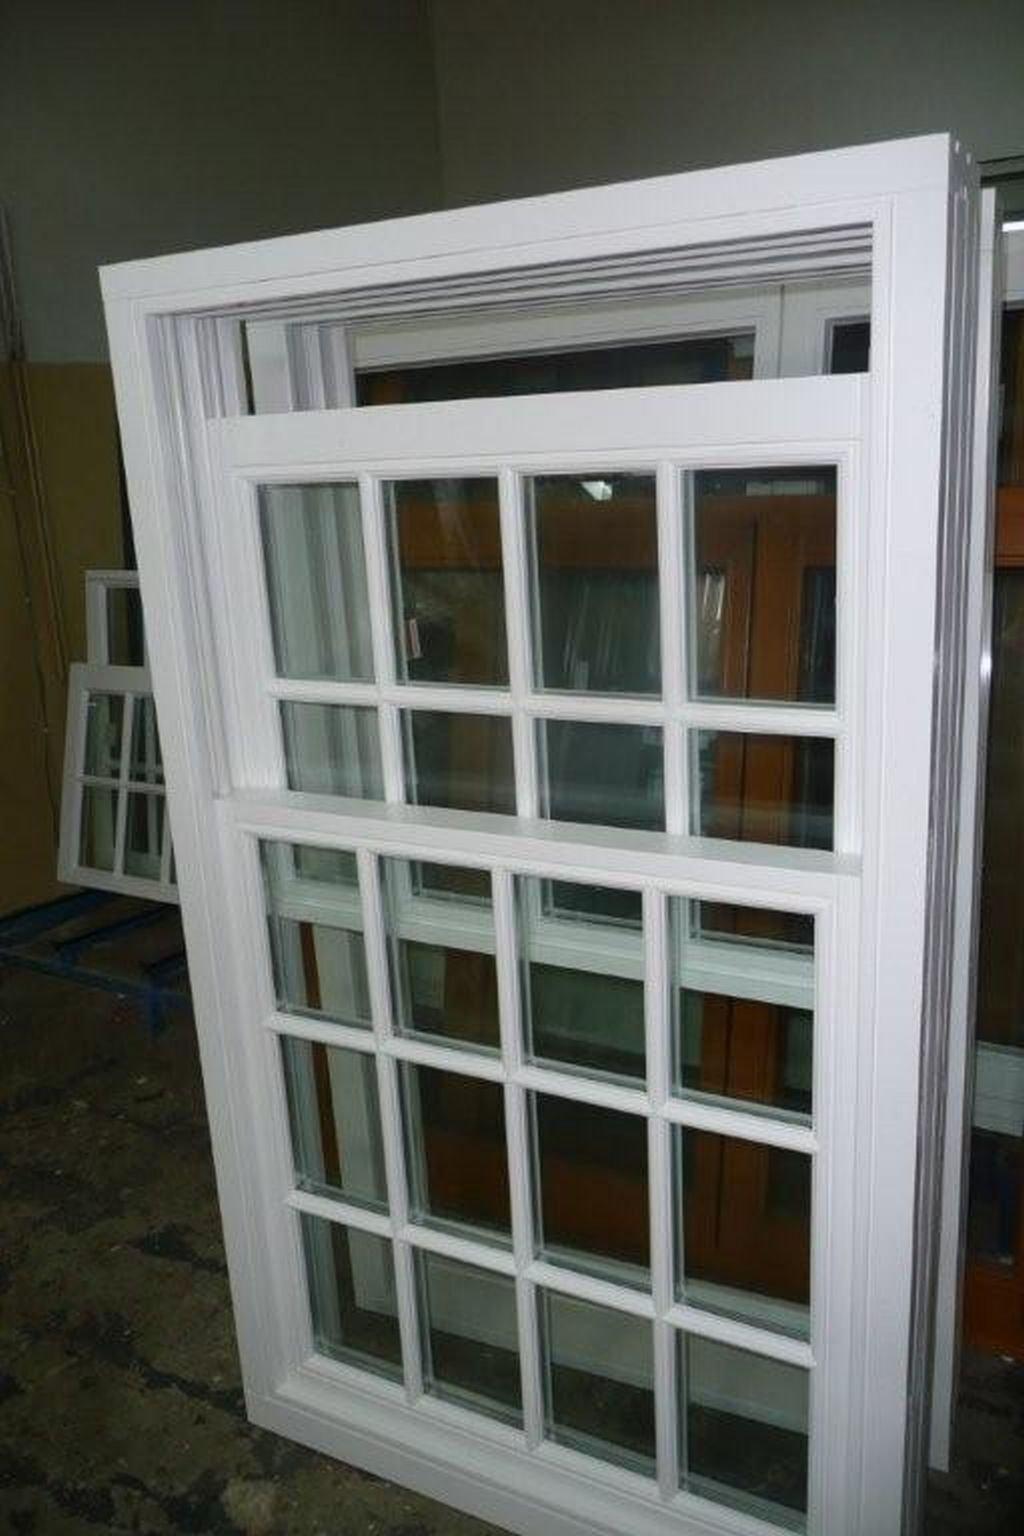 finestre a ghigliottina vetrino id prodotto 111867106